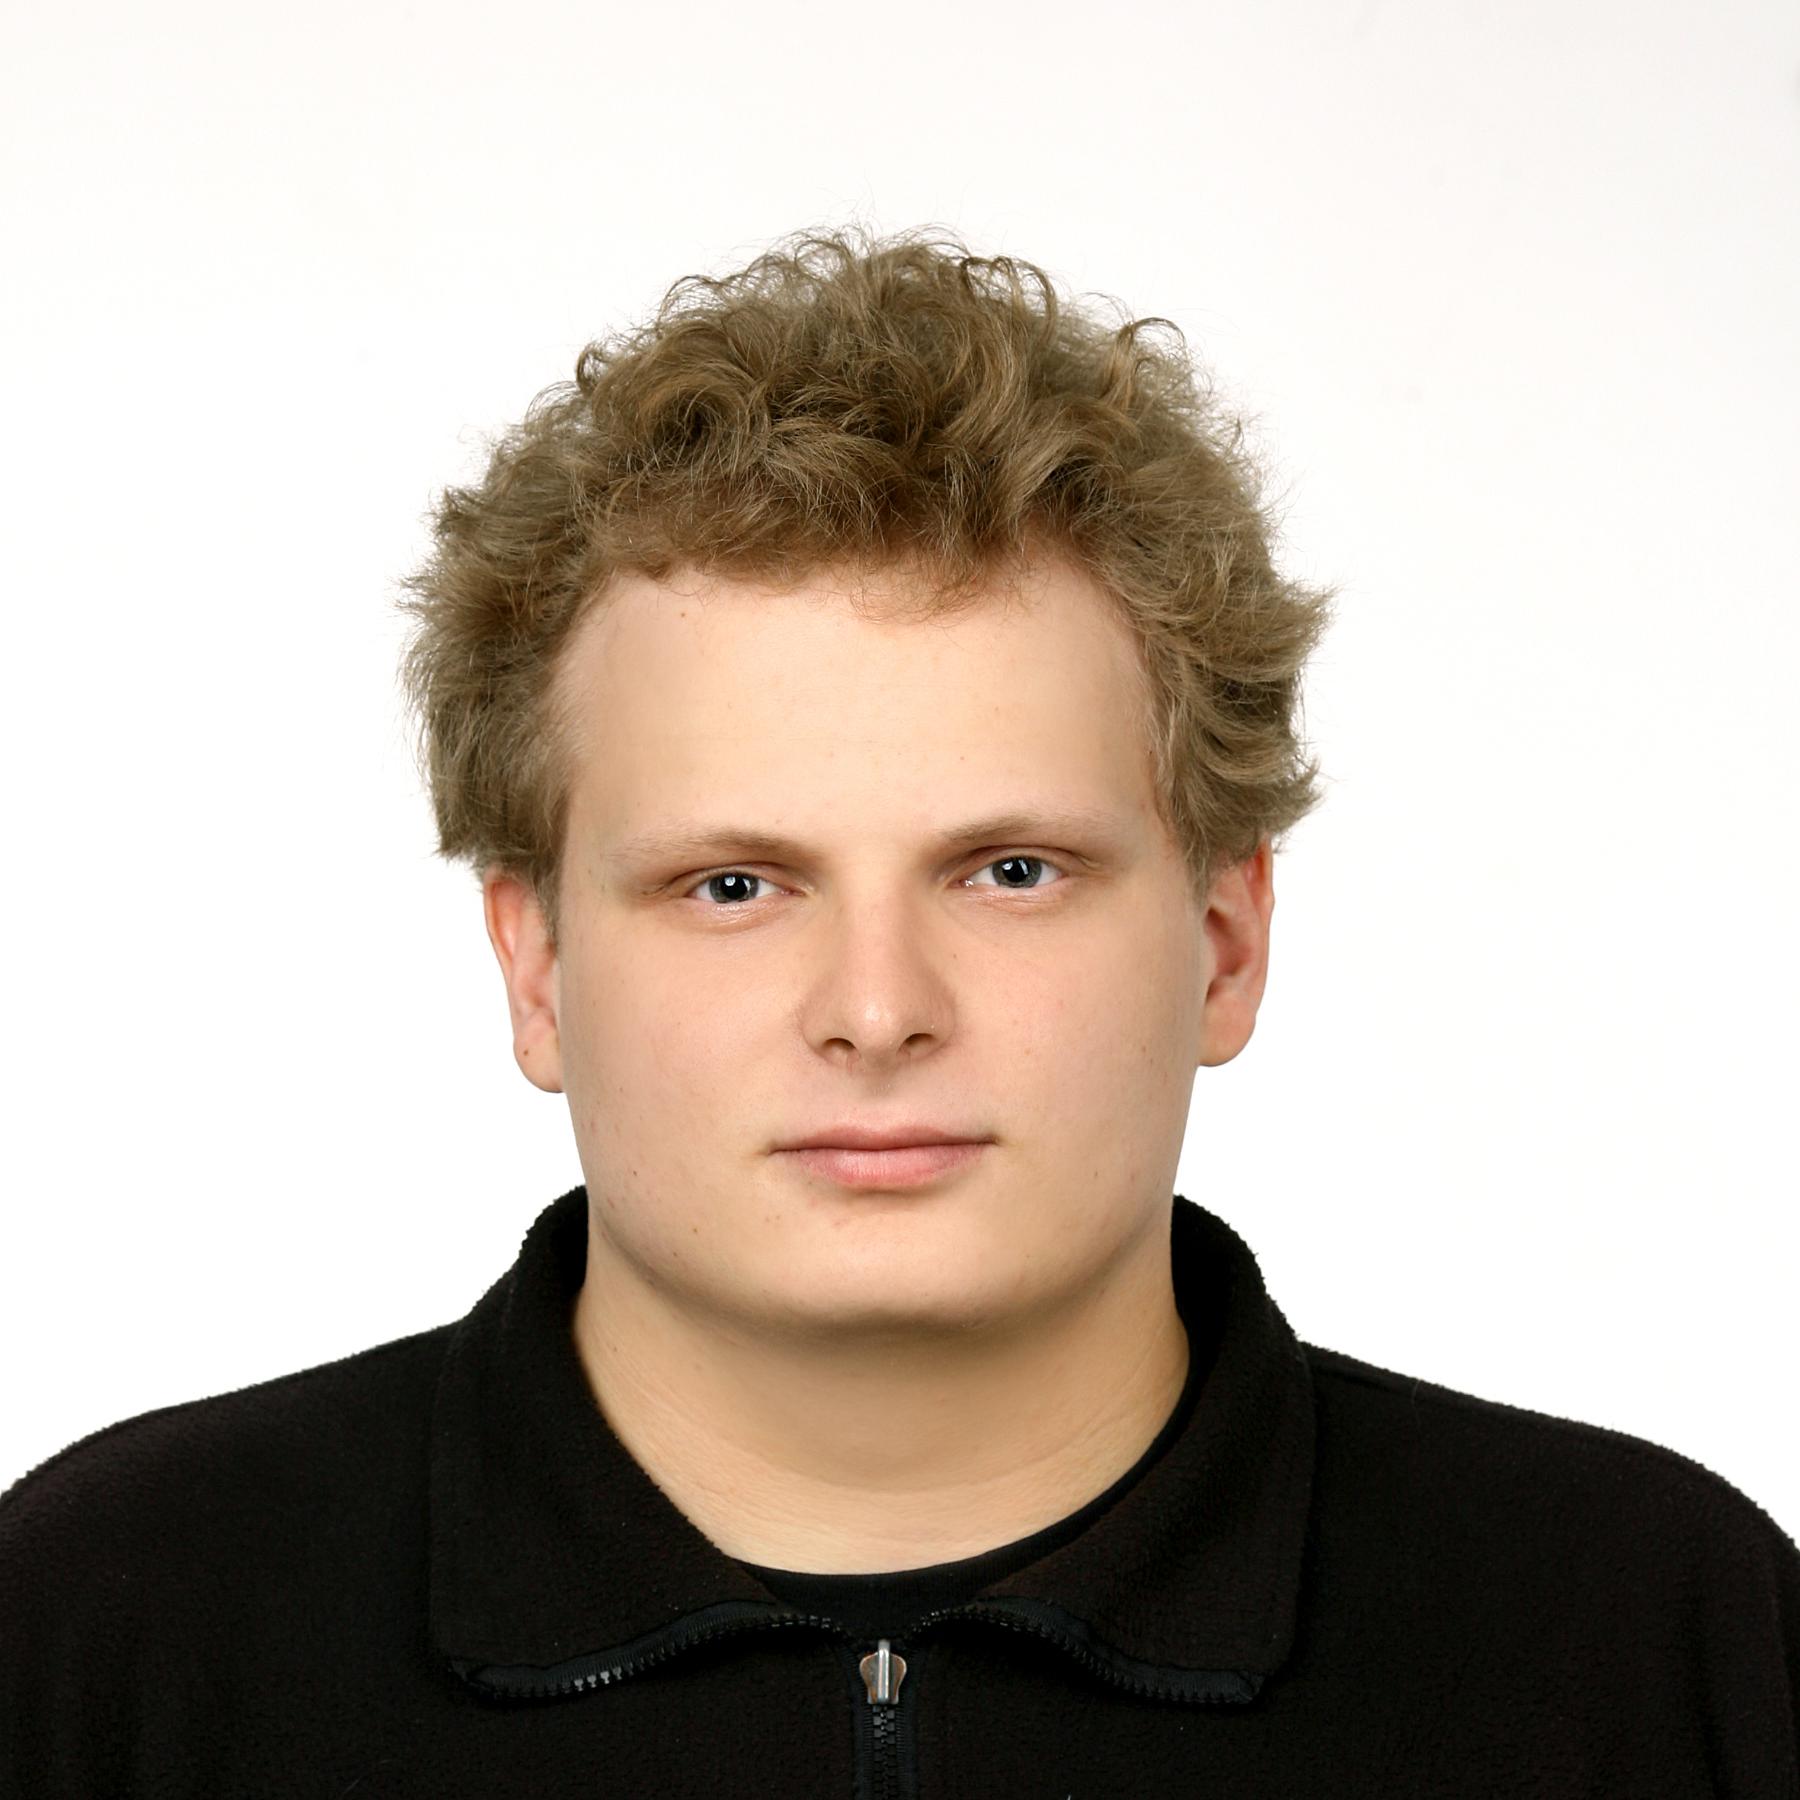 Filip Chudy